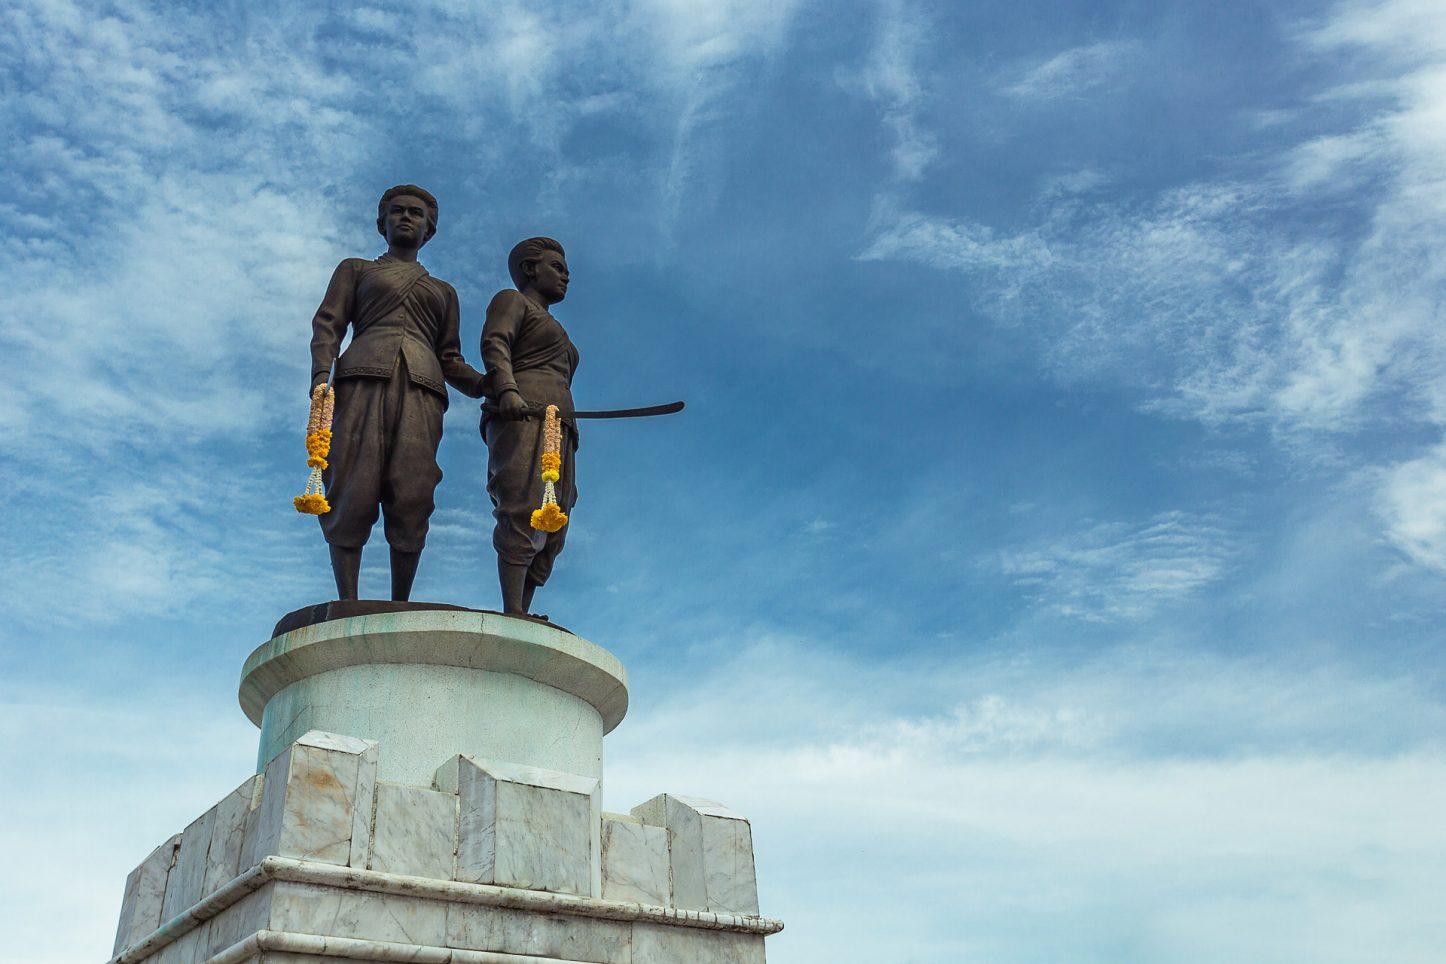 Phuket Heroines Monument | Kata Rocks Resort Phuket Thailand